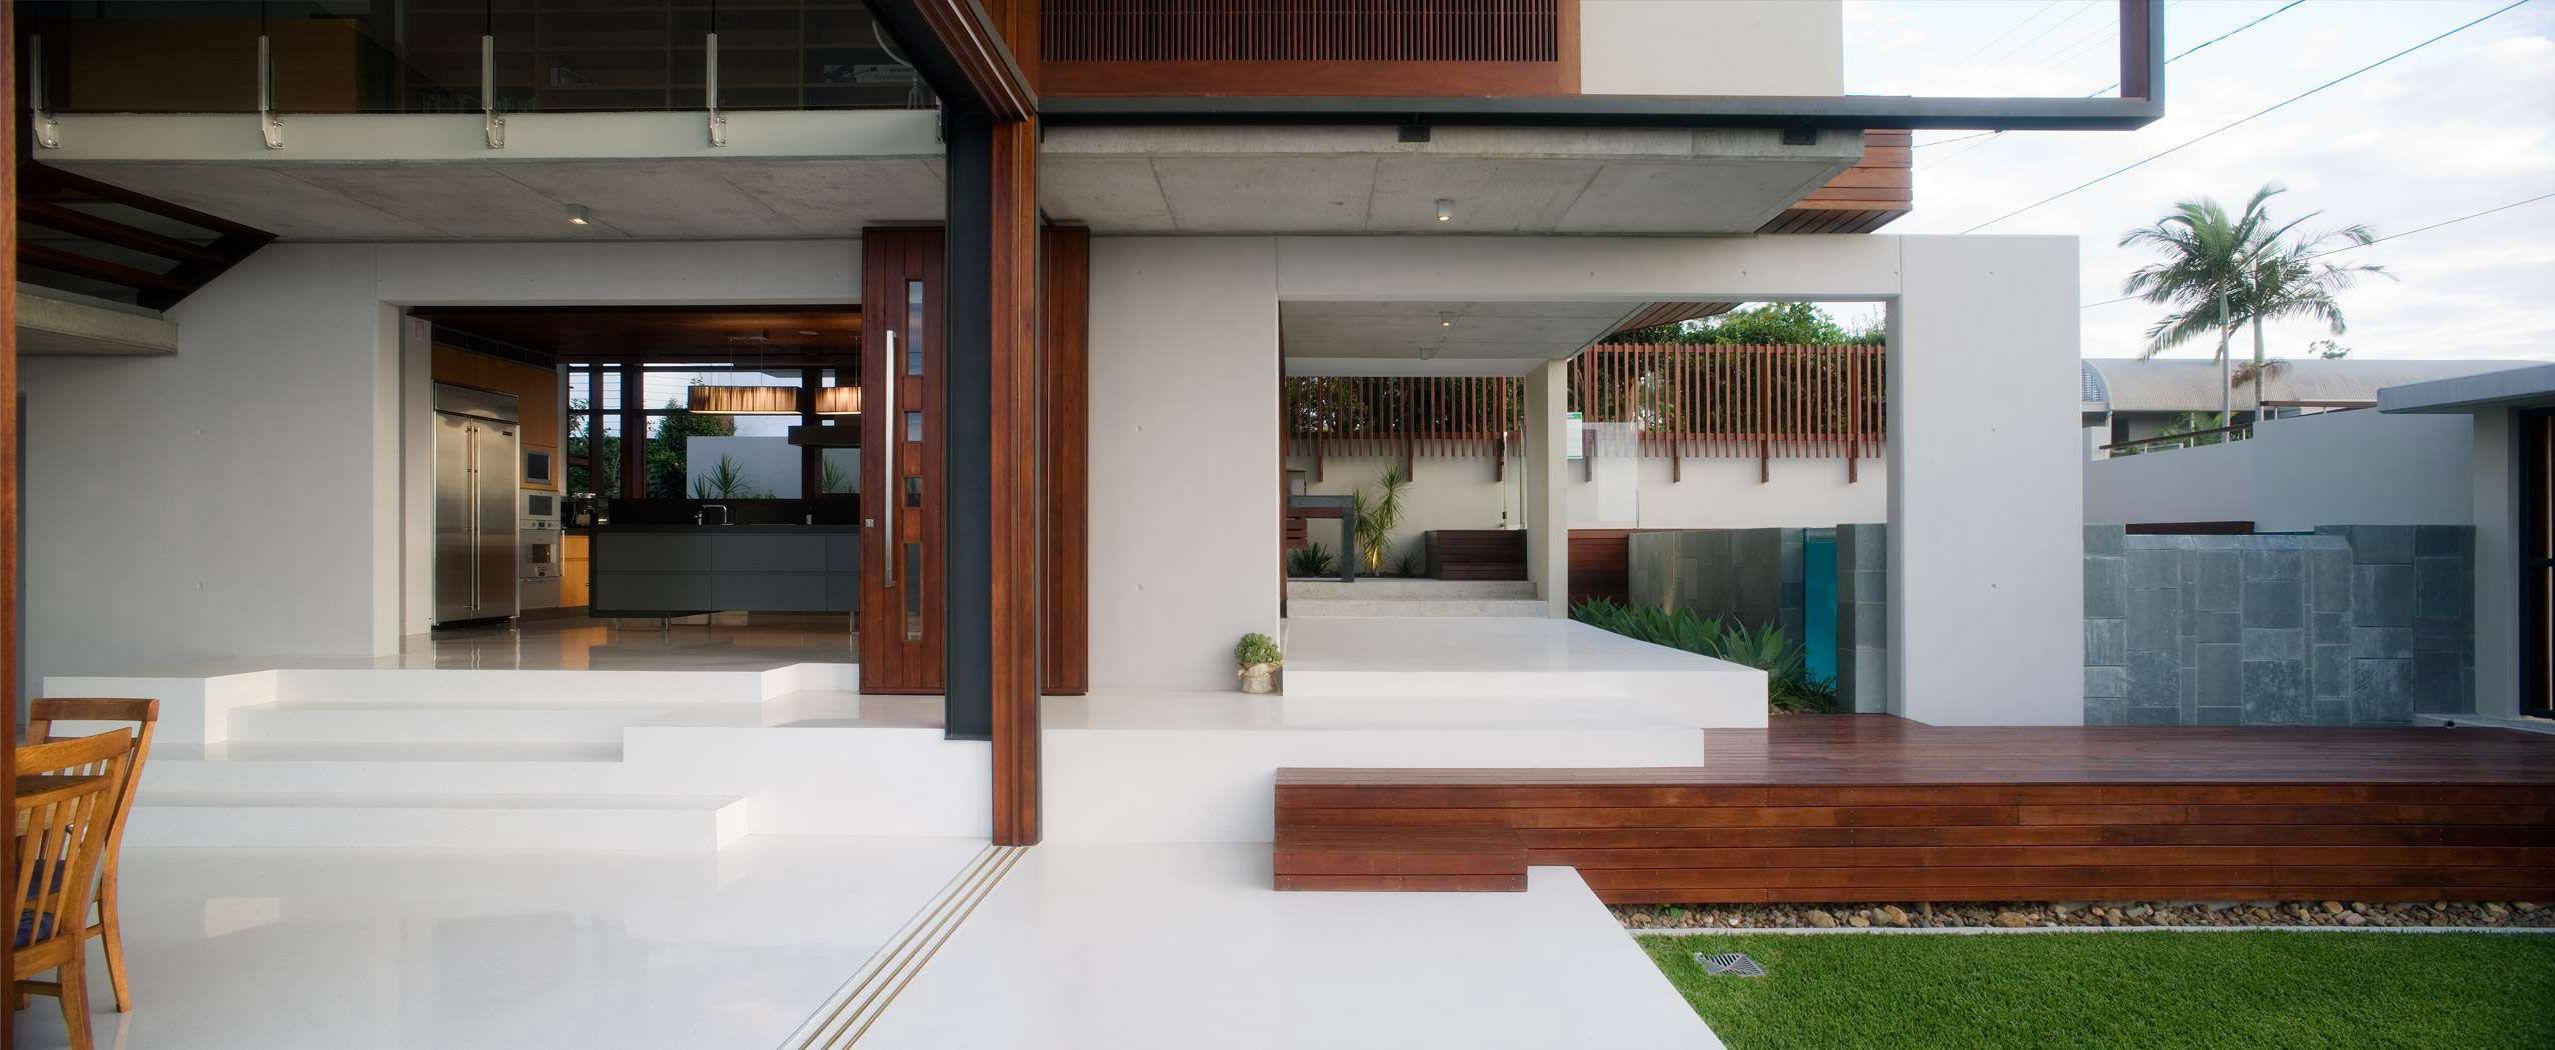 Patane-Residence-05